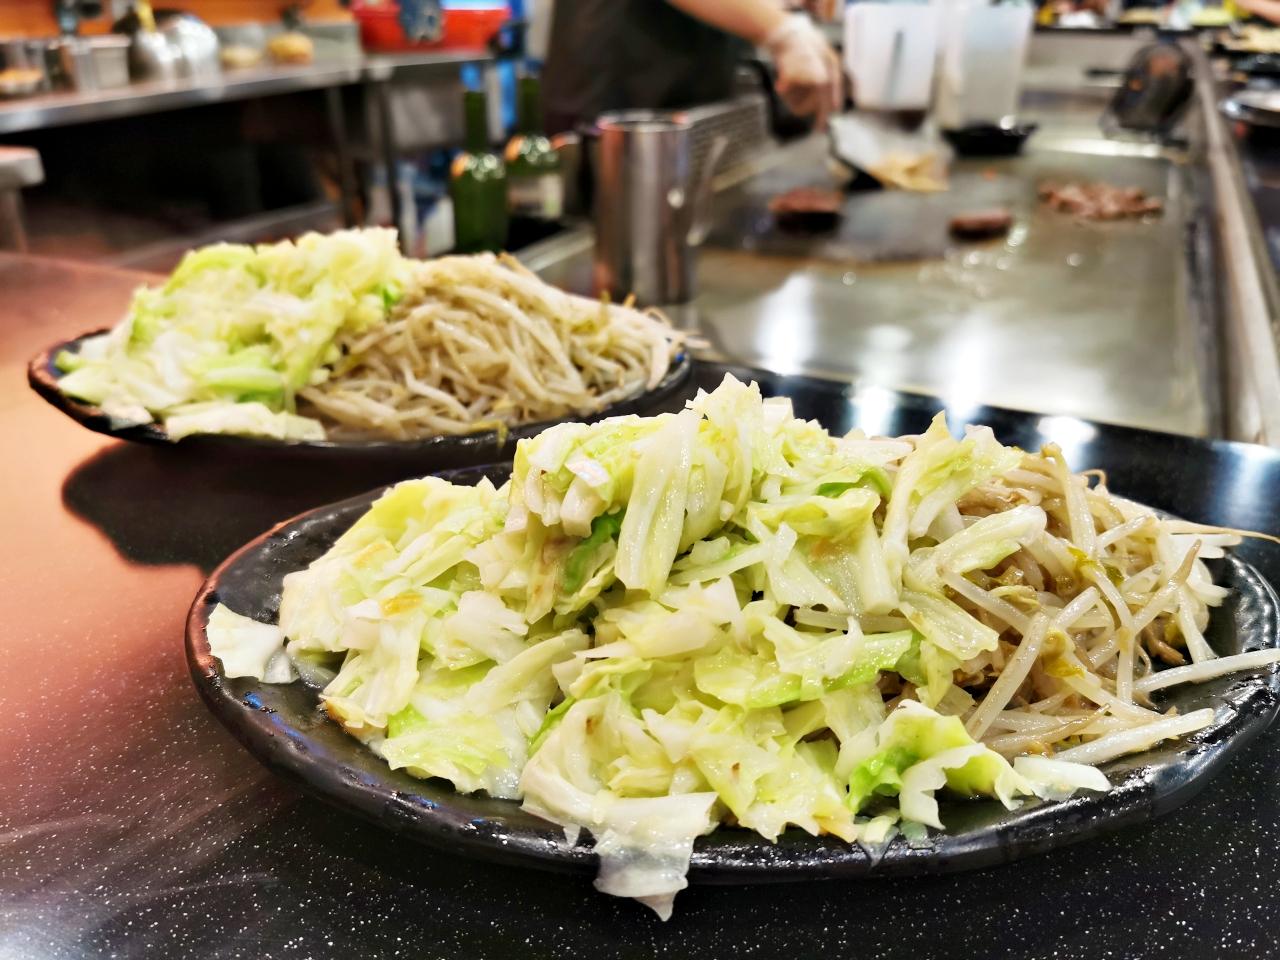 士林美食:泰鐵板料理,宵夜時段吃的到泰式鐵板燒青菜還能吃到飽